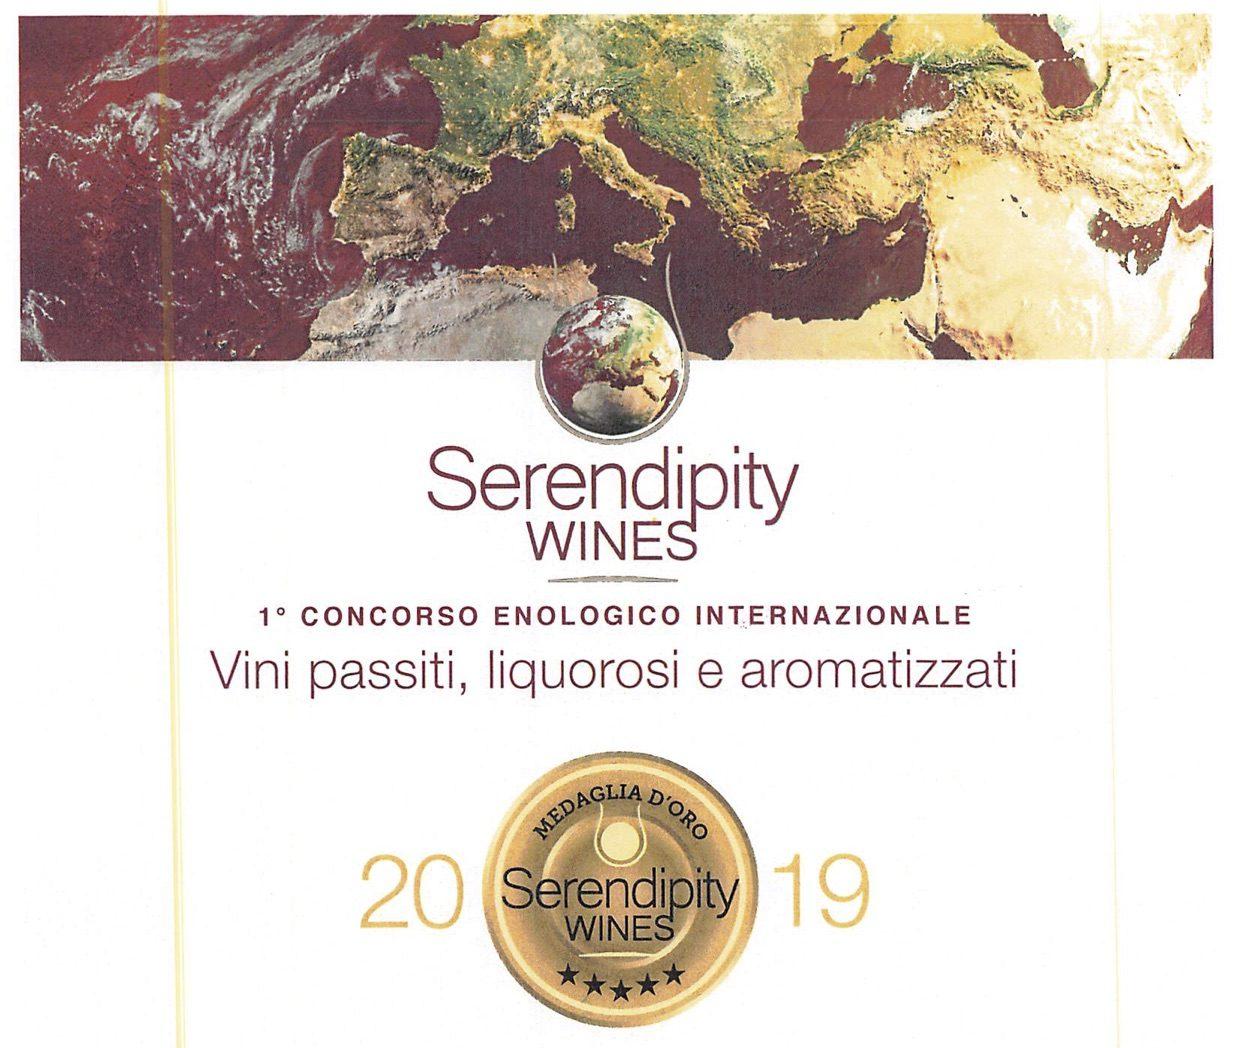 Serendipity Wines: Subito Oro Per Cantina Aldeno